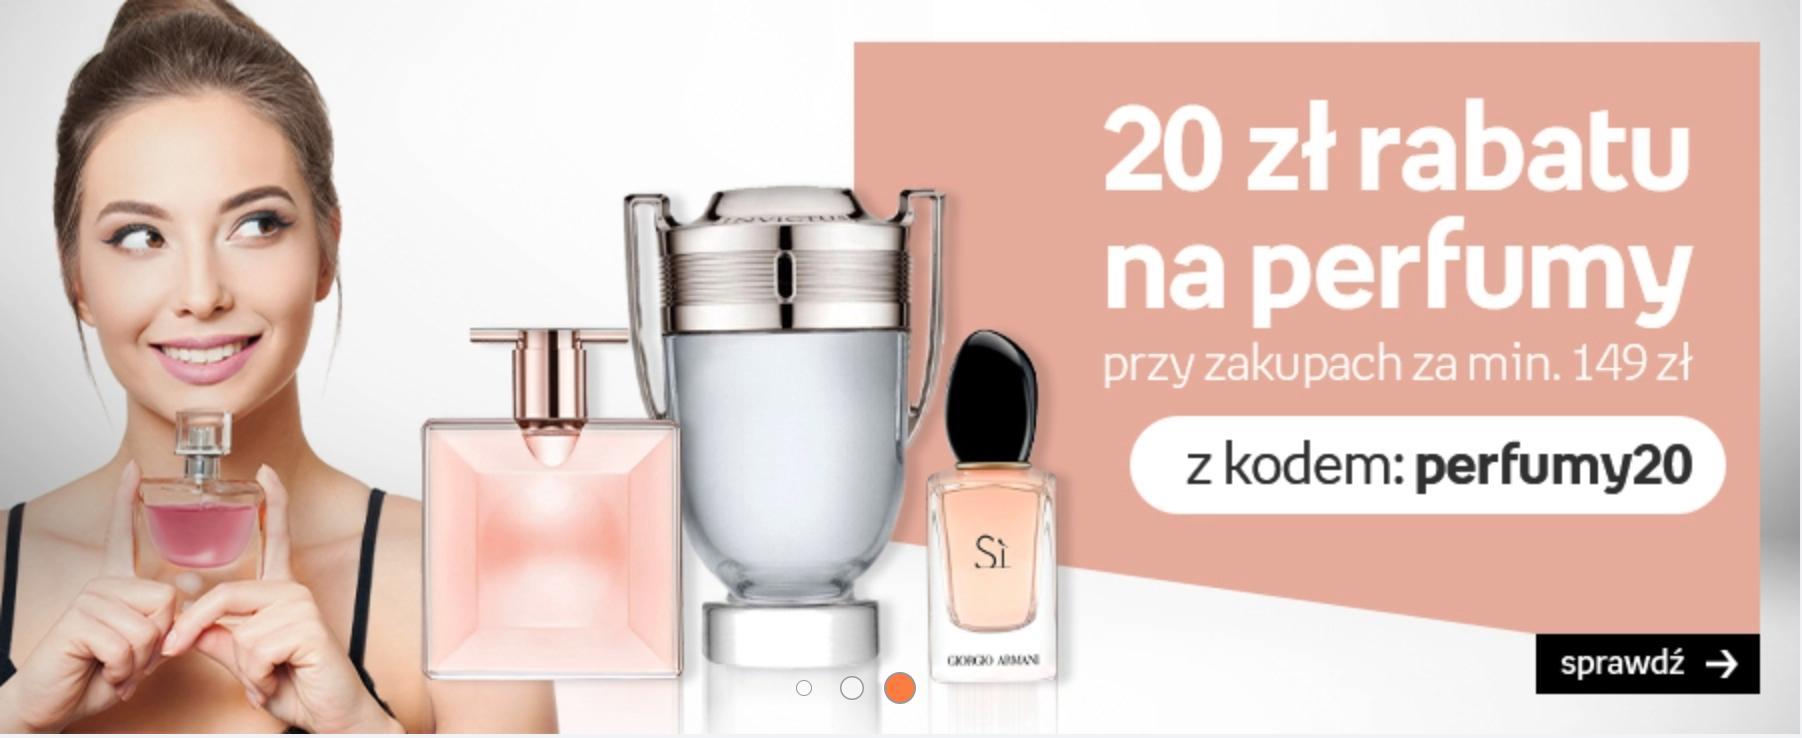 Empik: 20 zł rabatu na perfumy przy zakupach za min. 149 zł